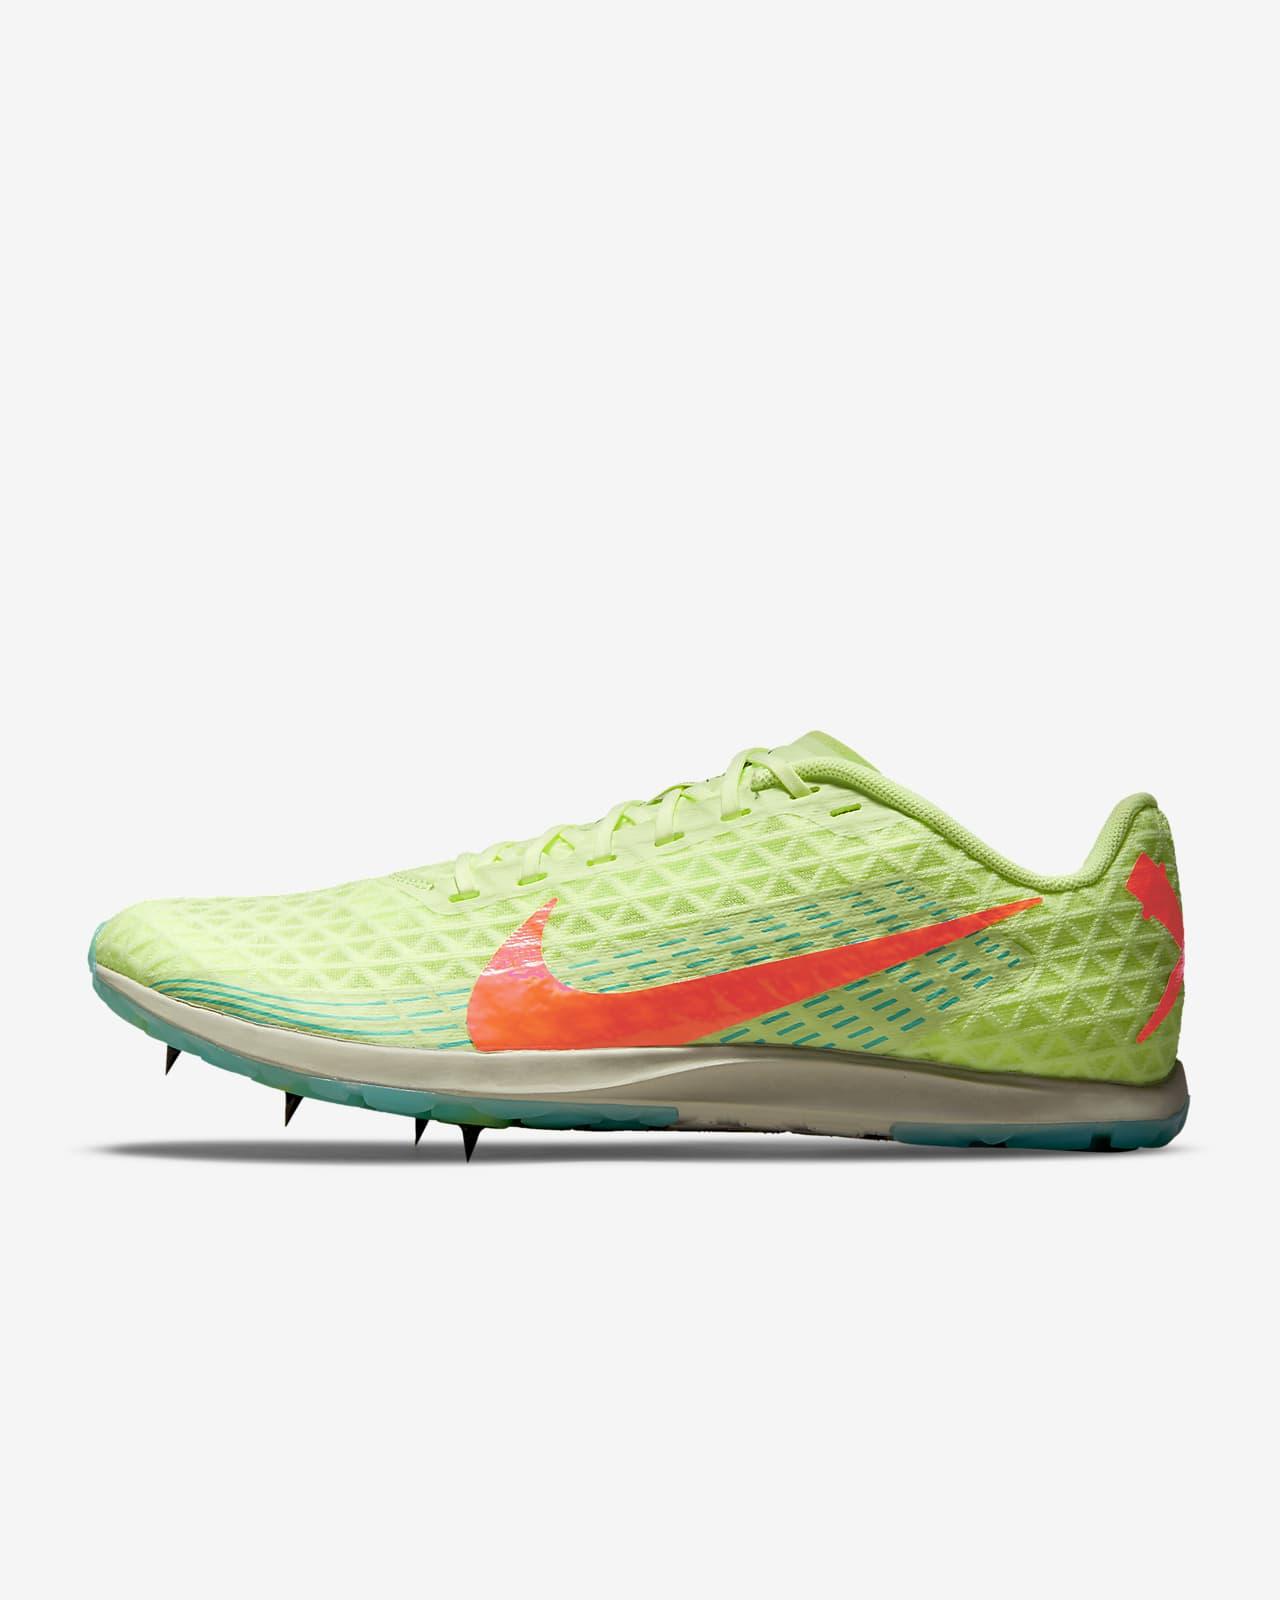 Scarpa chiodata per le gare sulla distanza Nike Zoom Rival XC 5